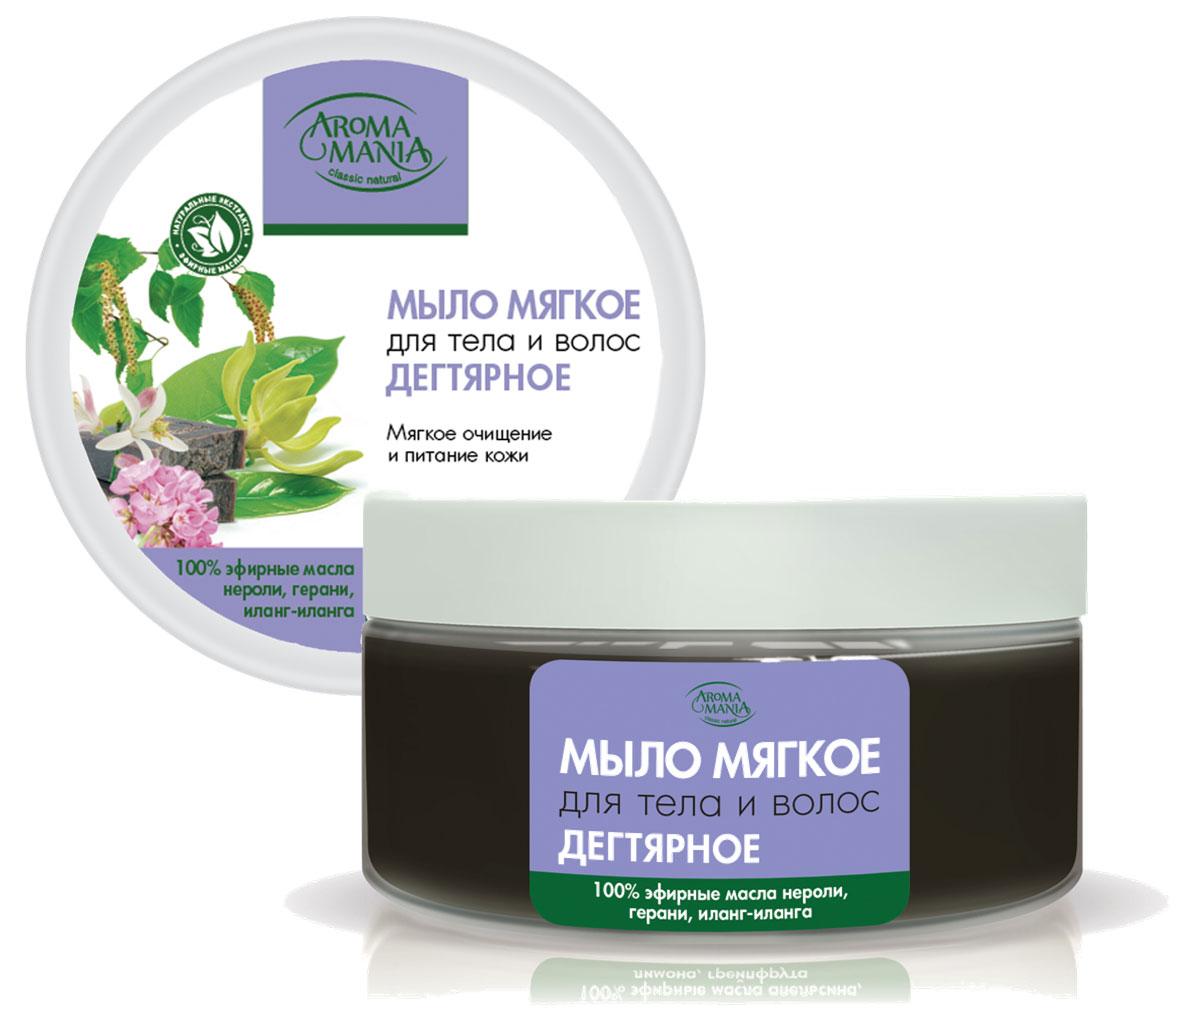 Лекус Аромамания Мыло мягкое для тела и волос дегтярное, 250 мл5949Дегтярное мыло обладает уникальными антисептическими свойствми